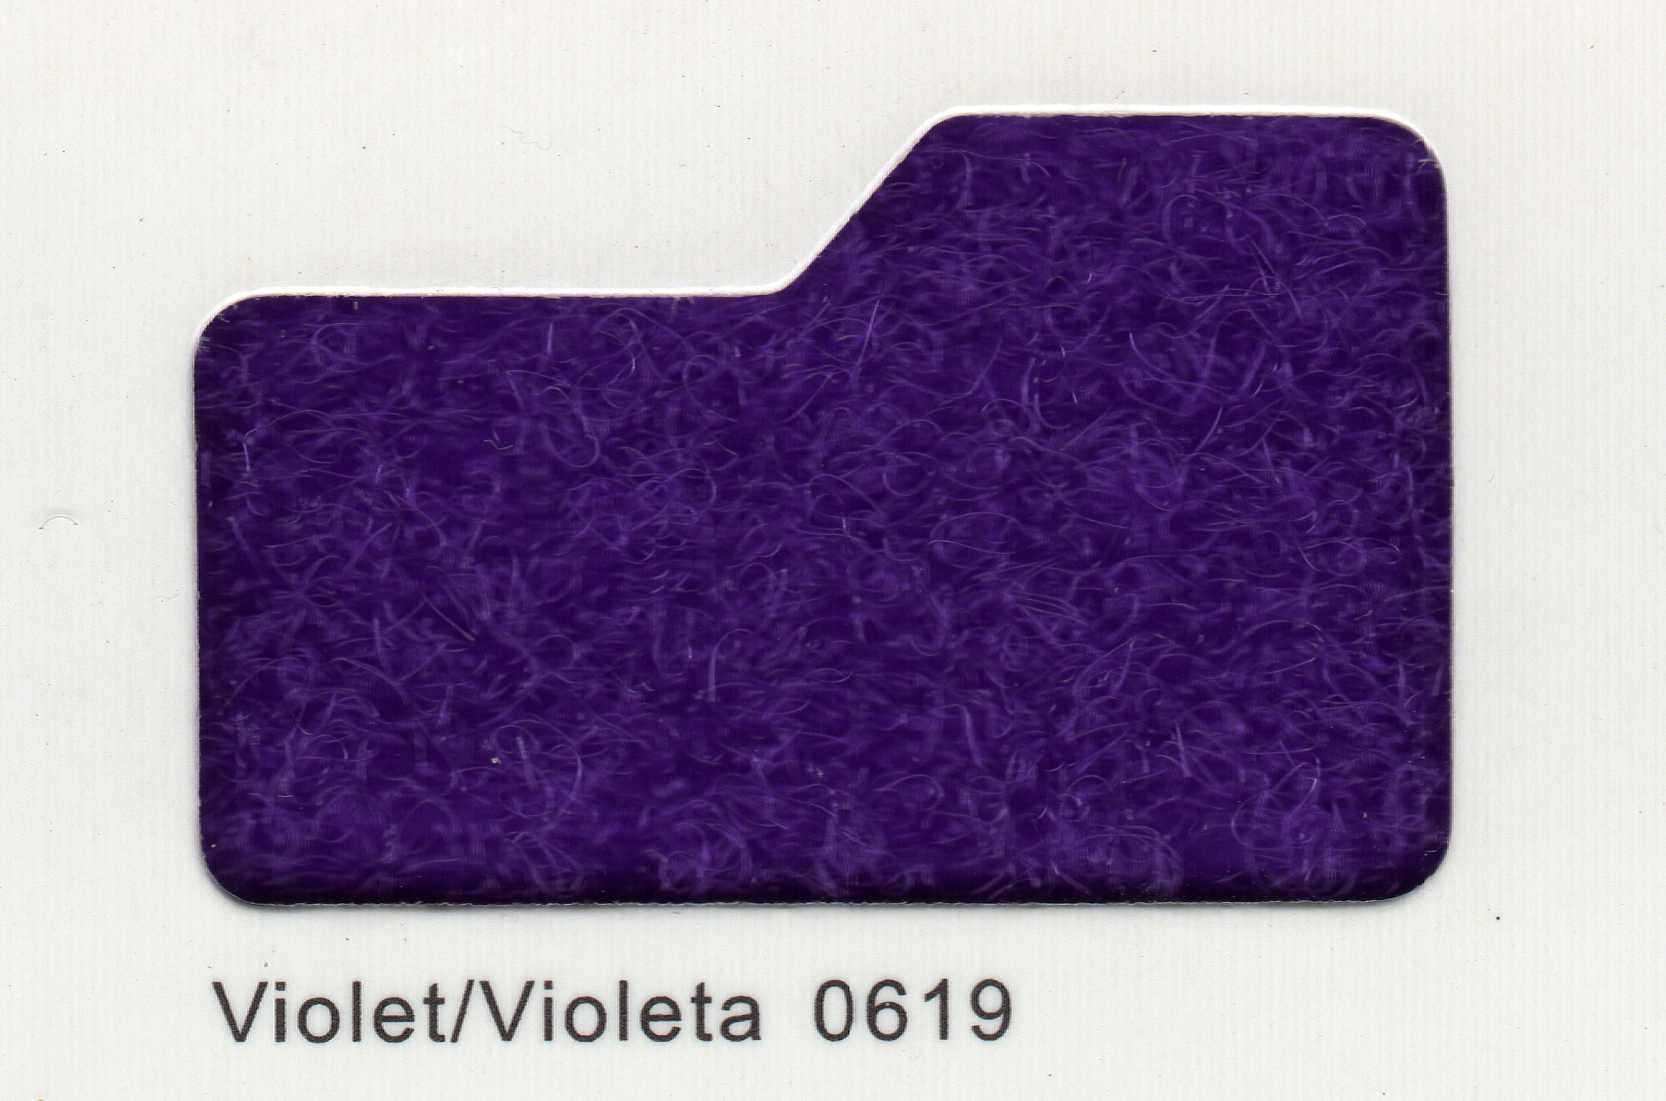 Cinta de cierre Velcro-Veraco 50mm Violeta 0619 (Rizo).